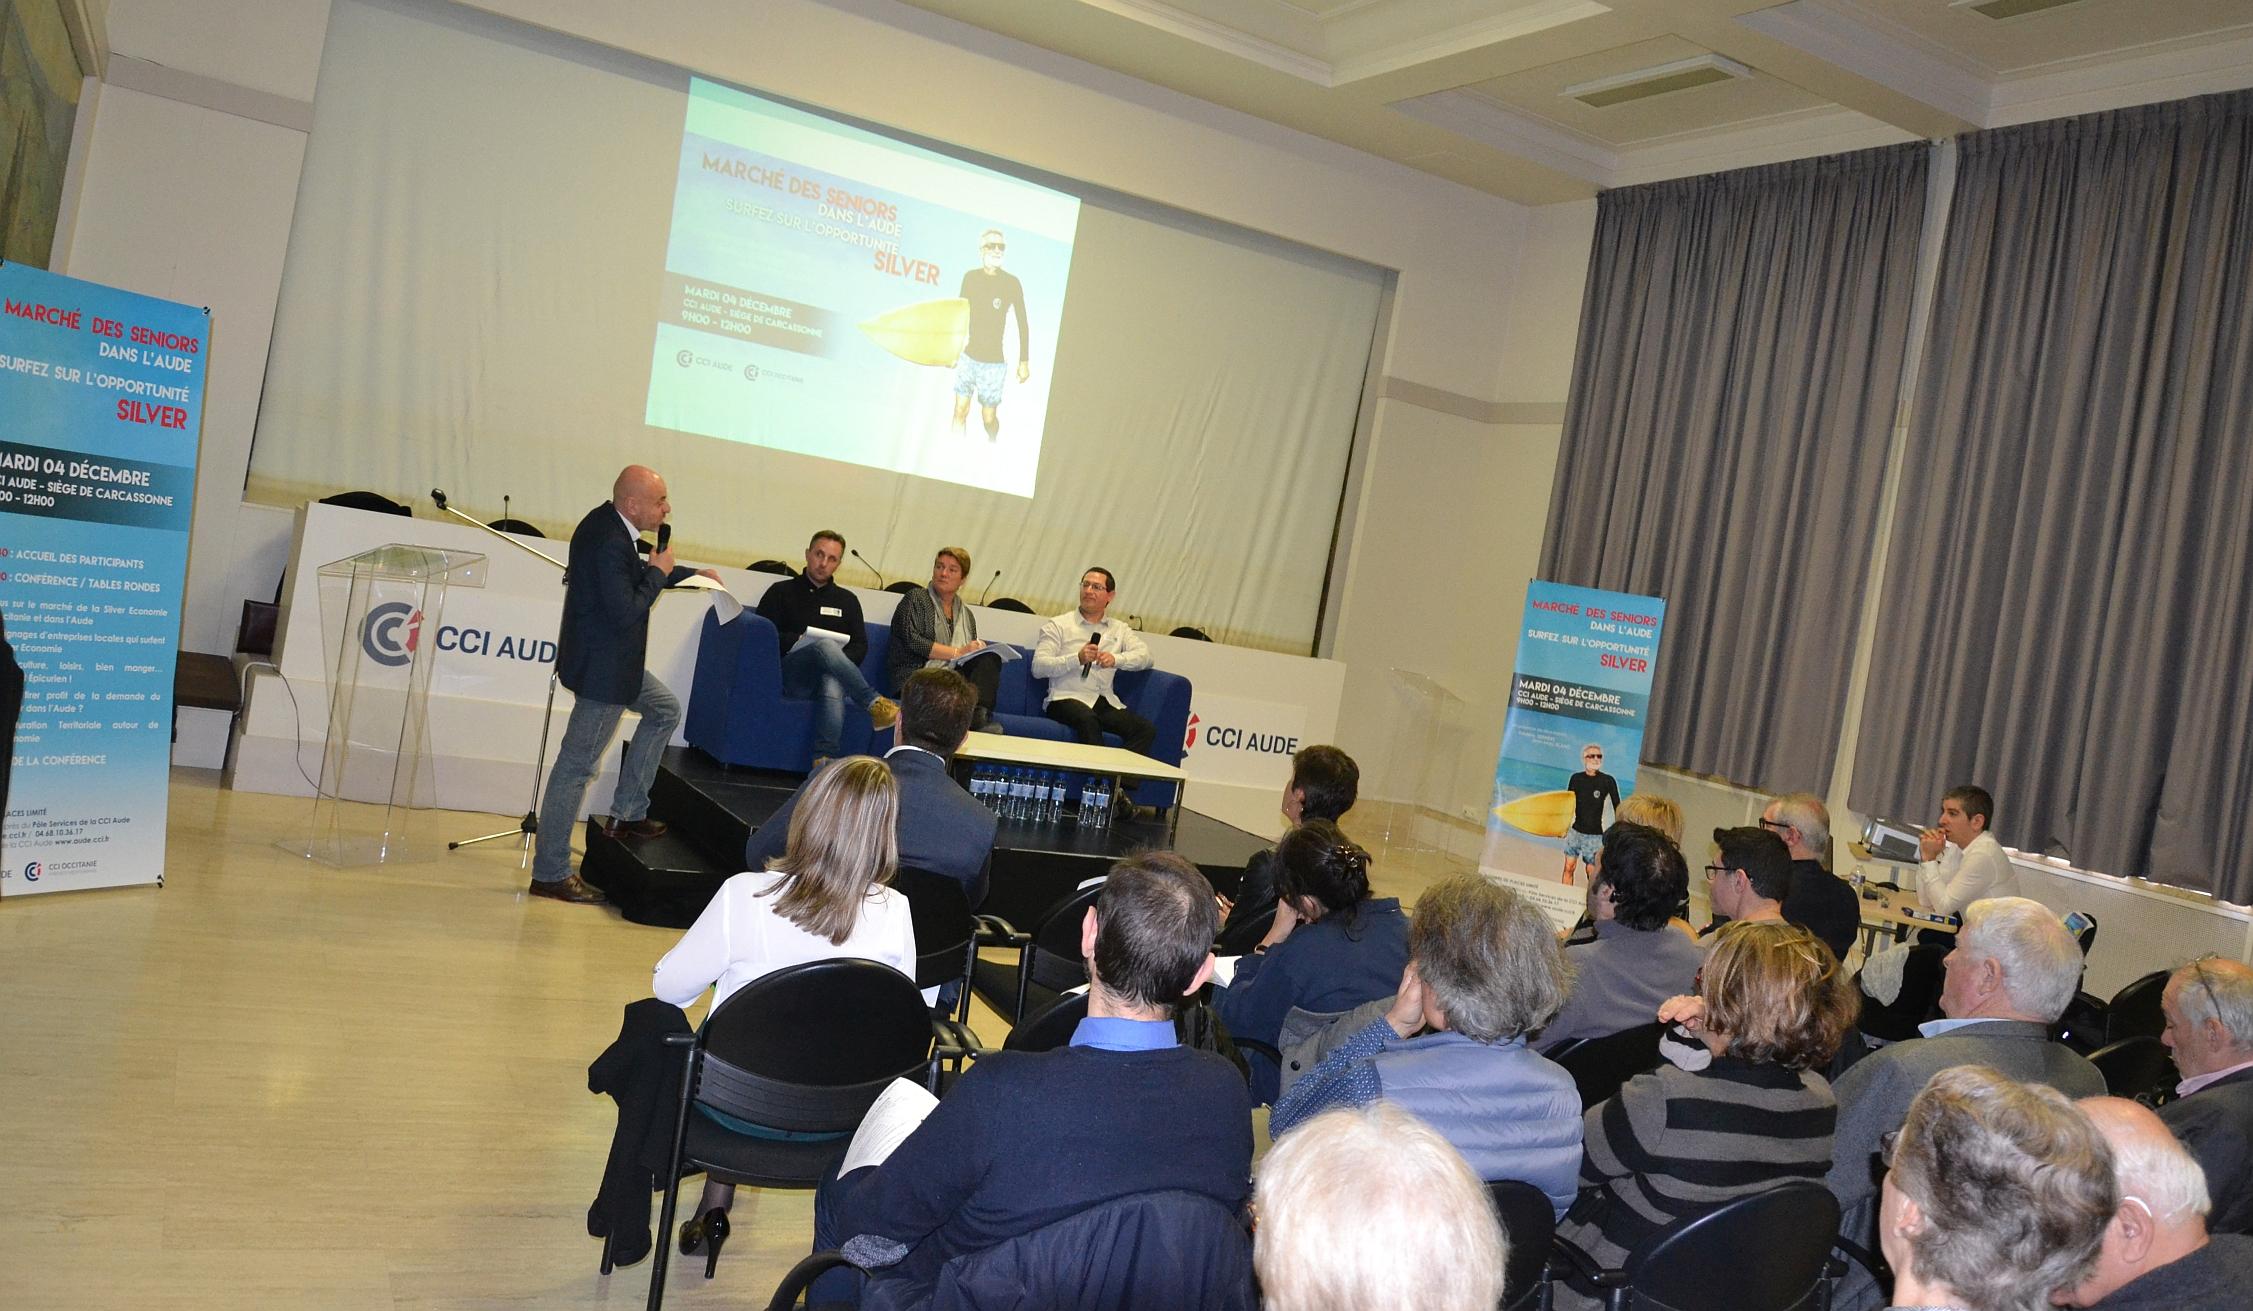 conférence marché séniors cci aude décembre 2018 témoignages